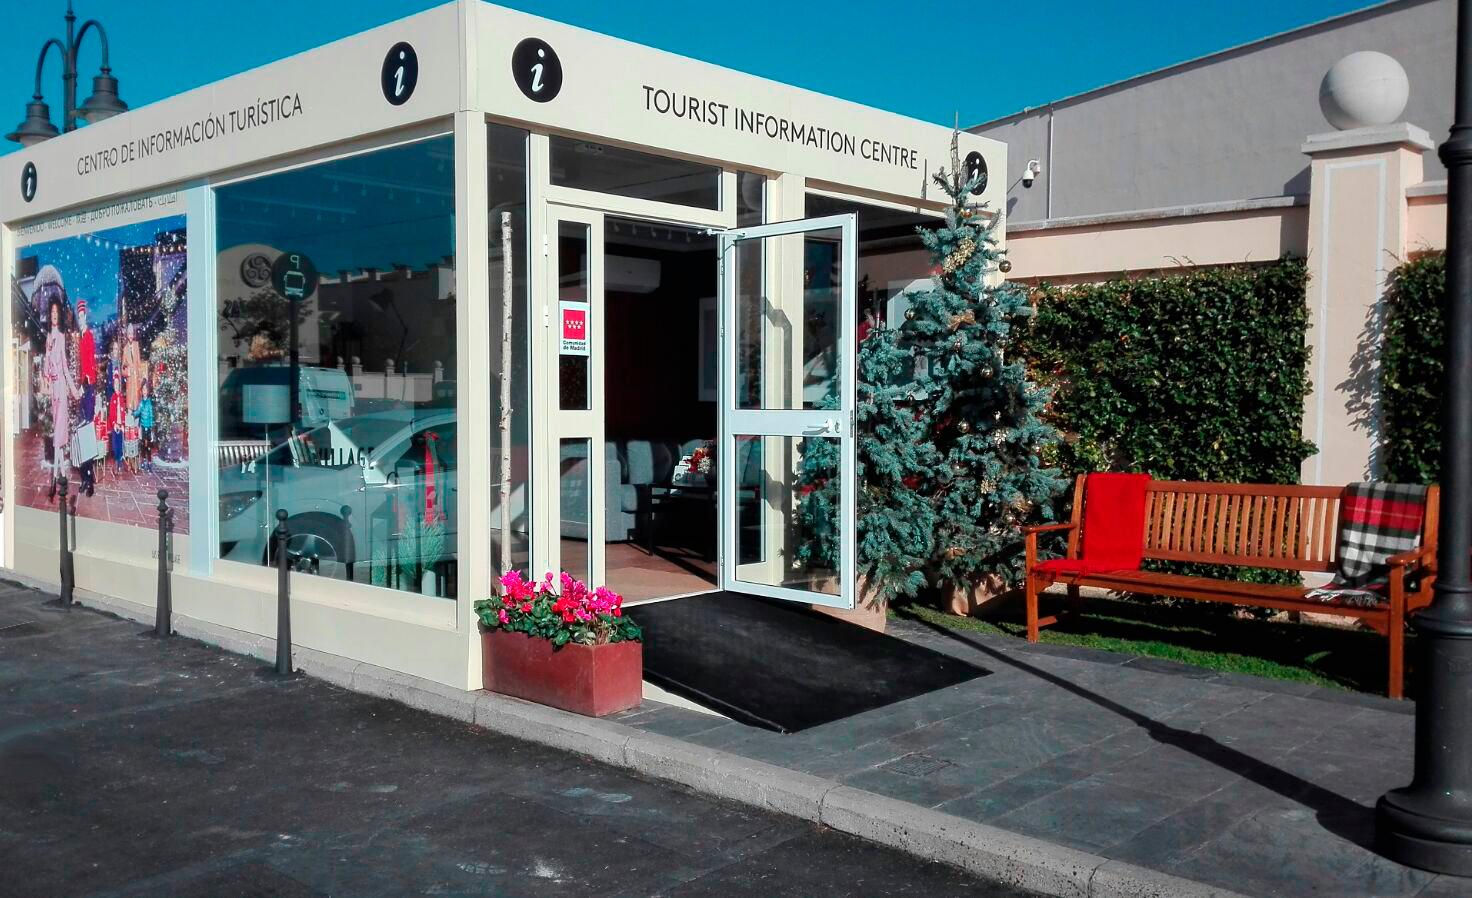 Oficina de turismo ayuntamiento de las rozas de madrid for Oficina de turismo sintra